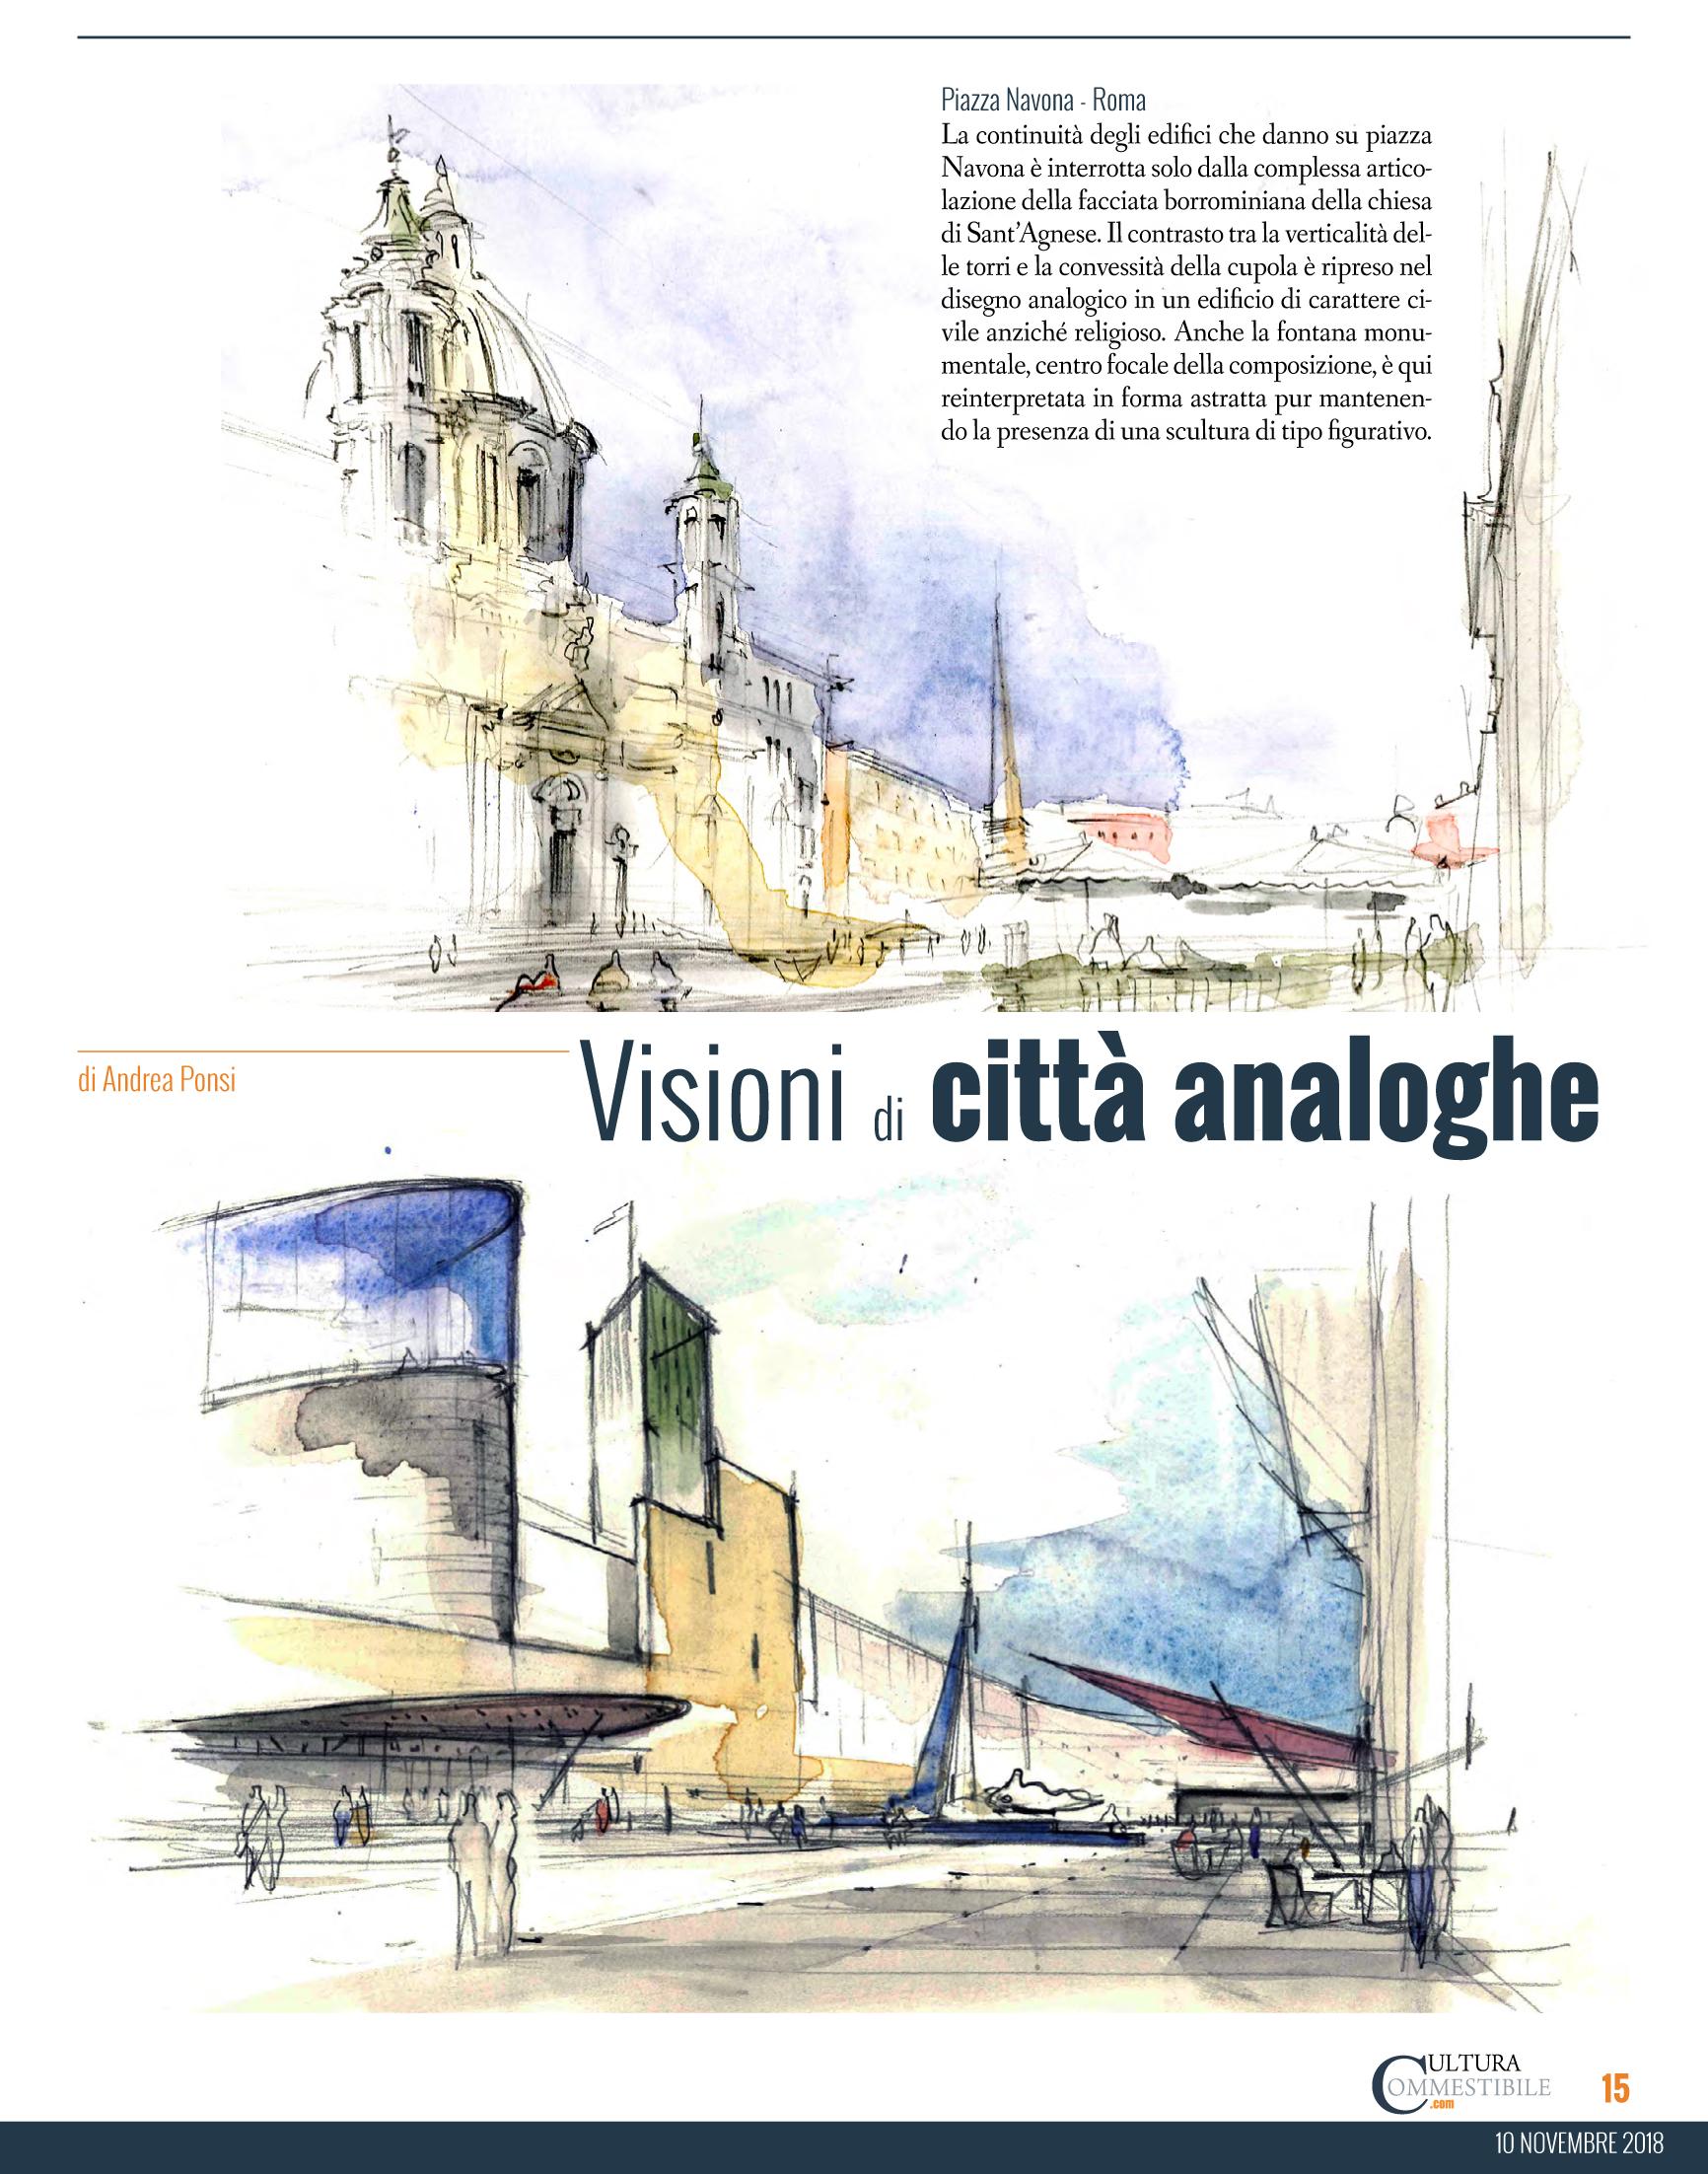 Cultura-Commestibile-284-15.jpg